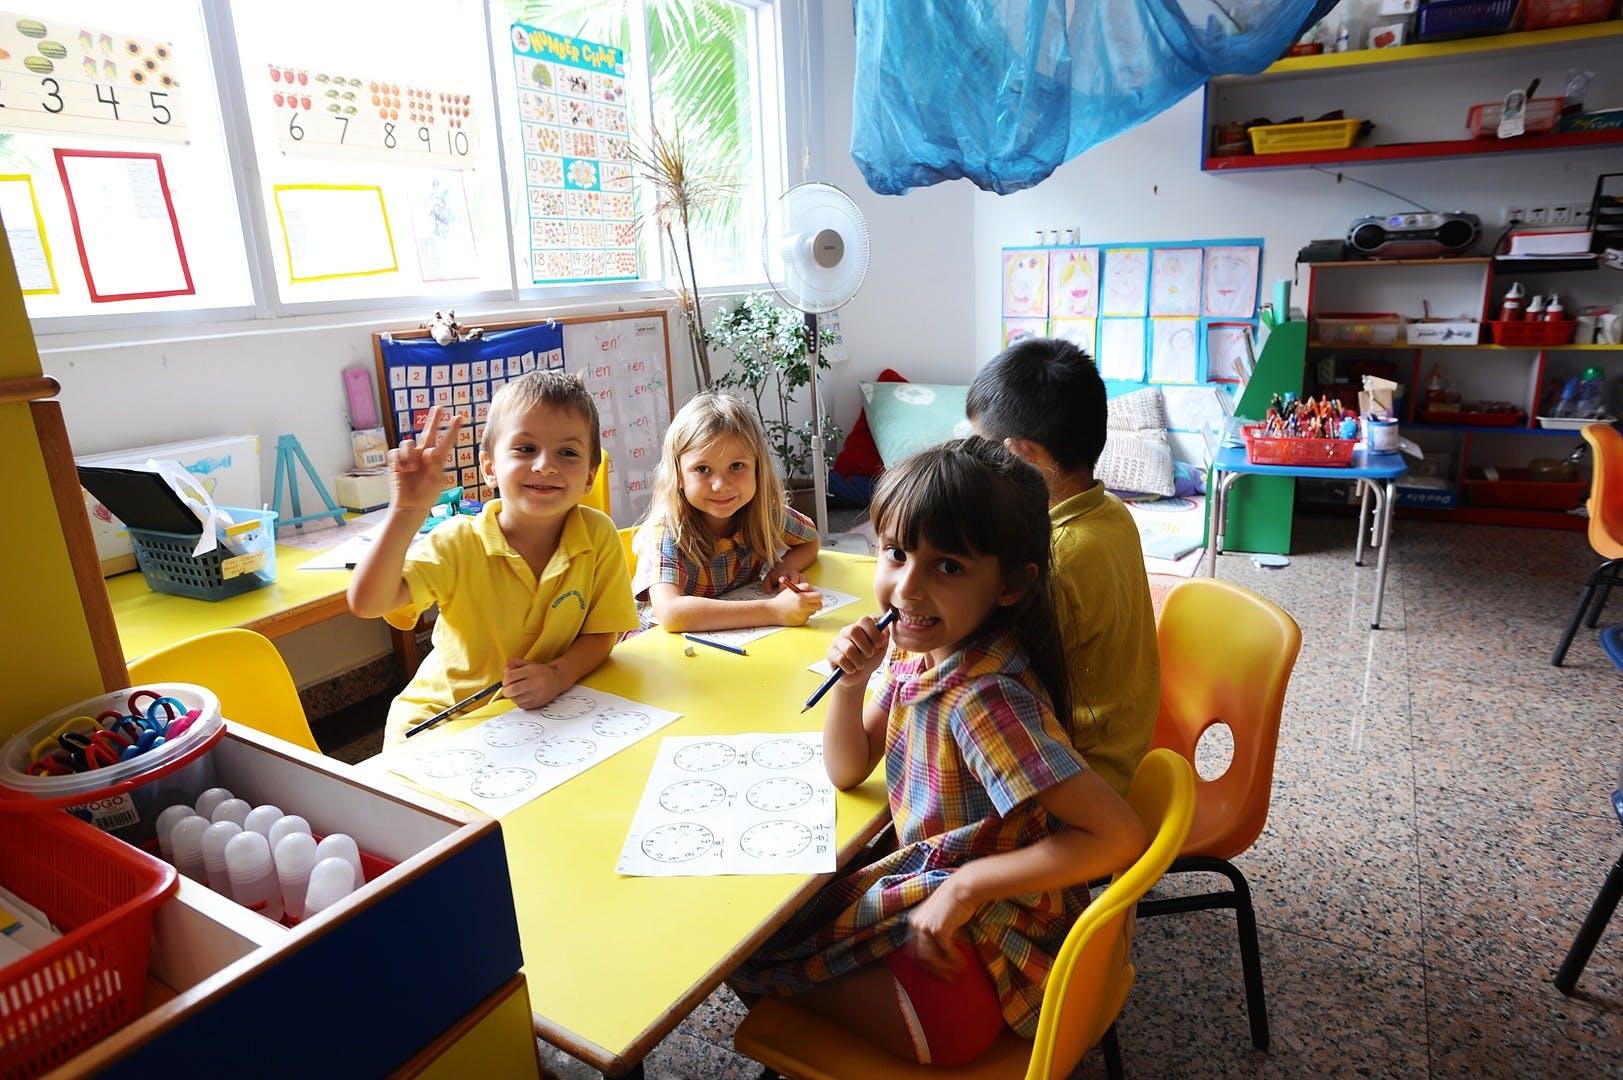 Pupils at Rosemount International School